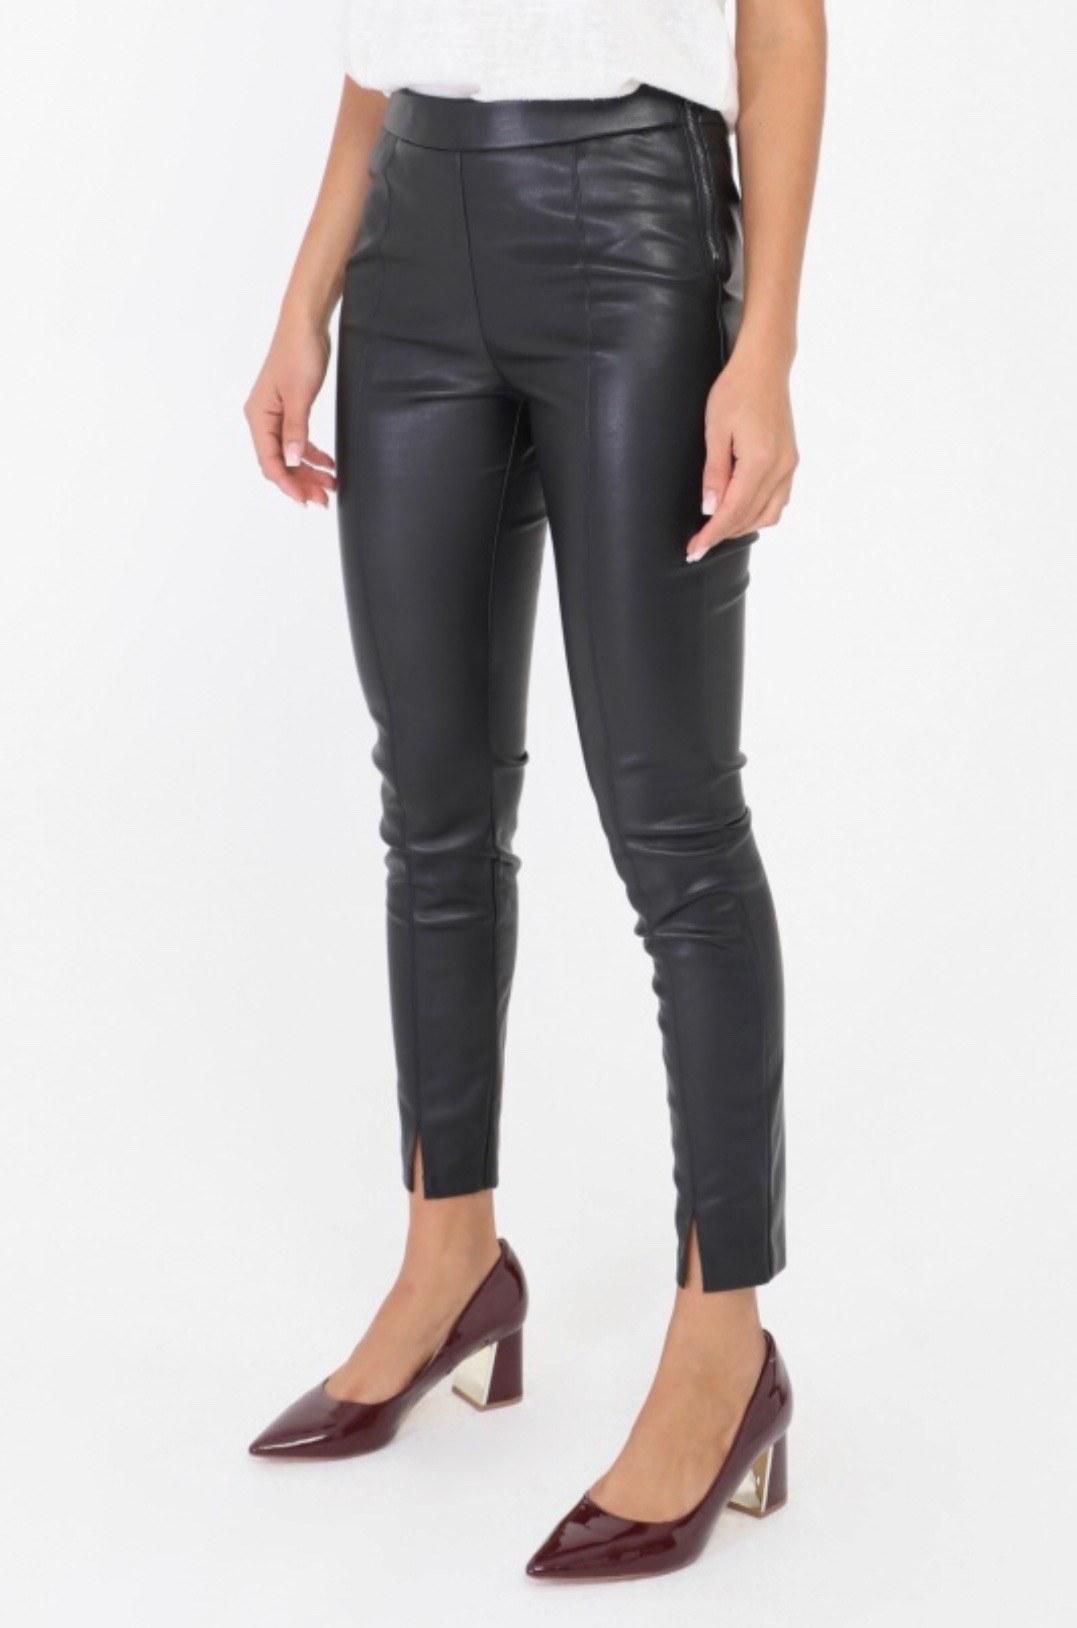 pantalon noir fendu